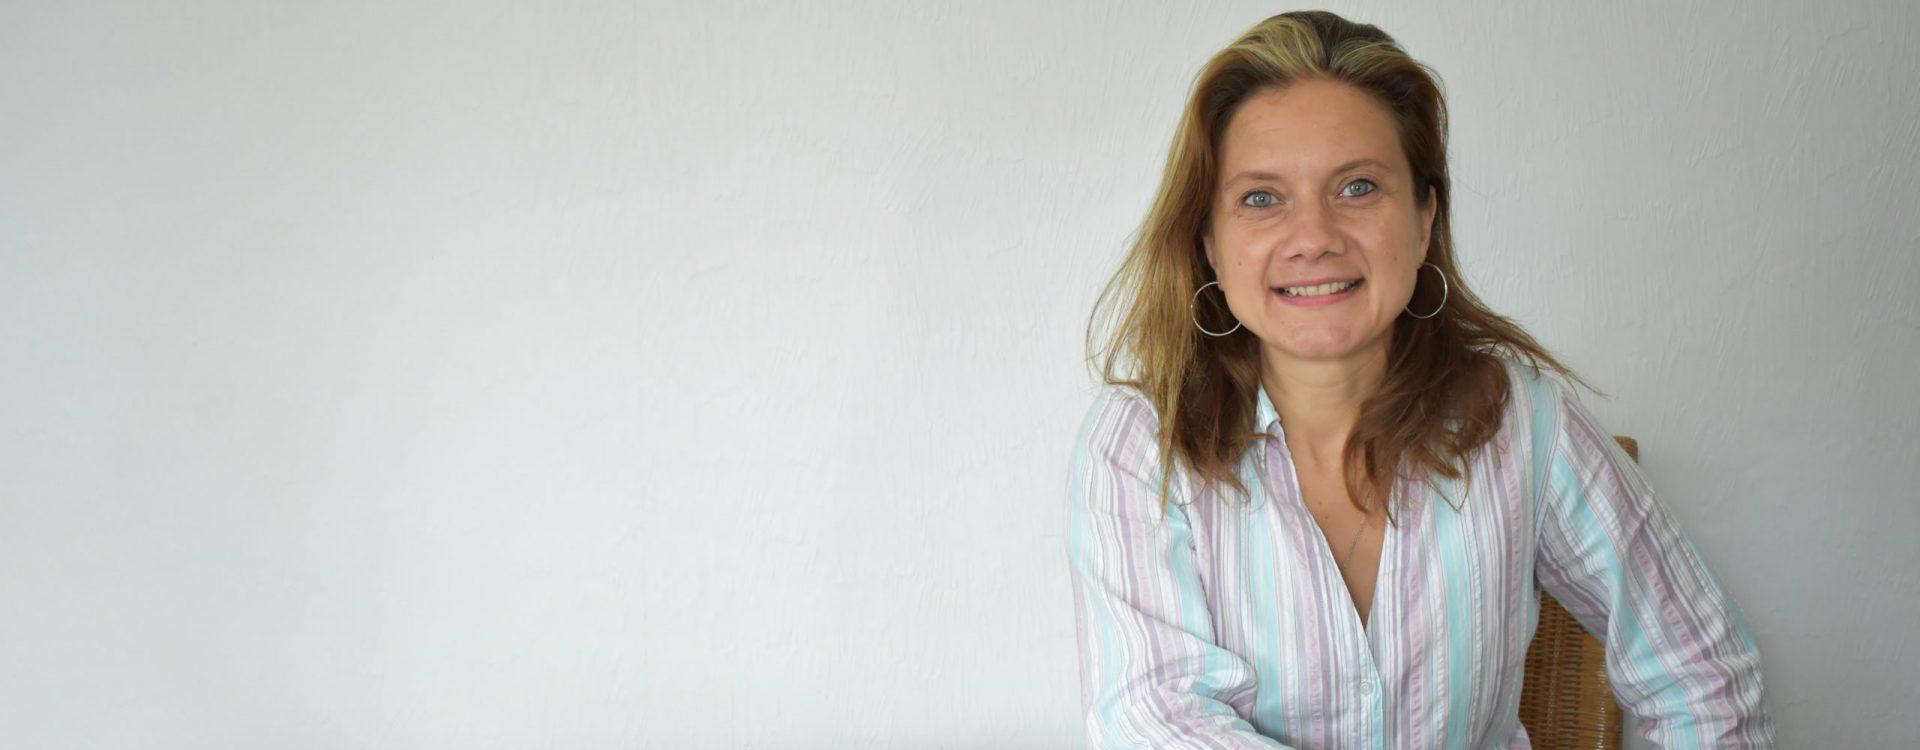 Nathalie Quievy